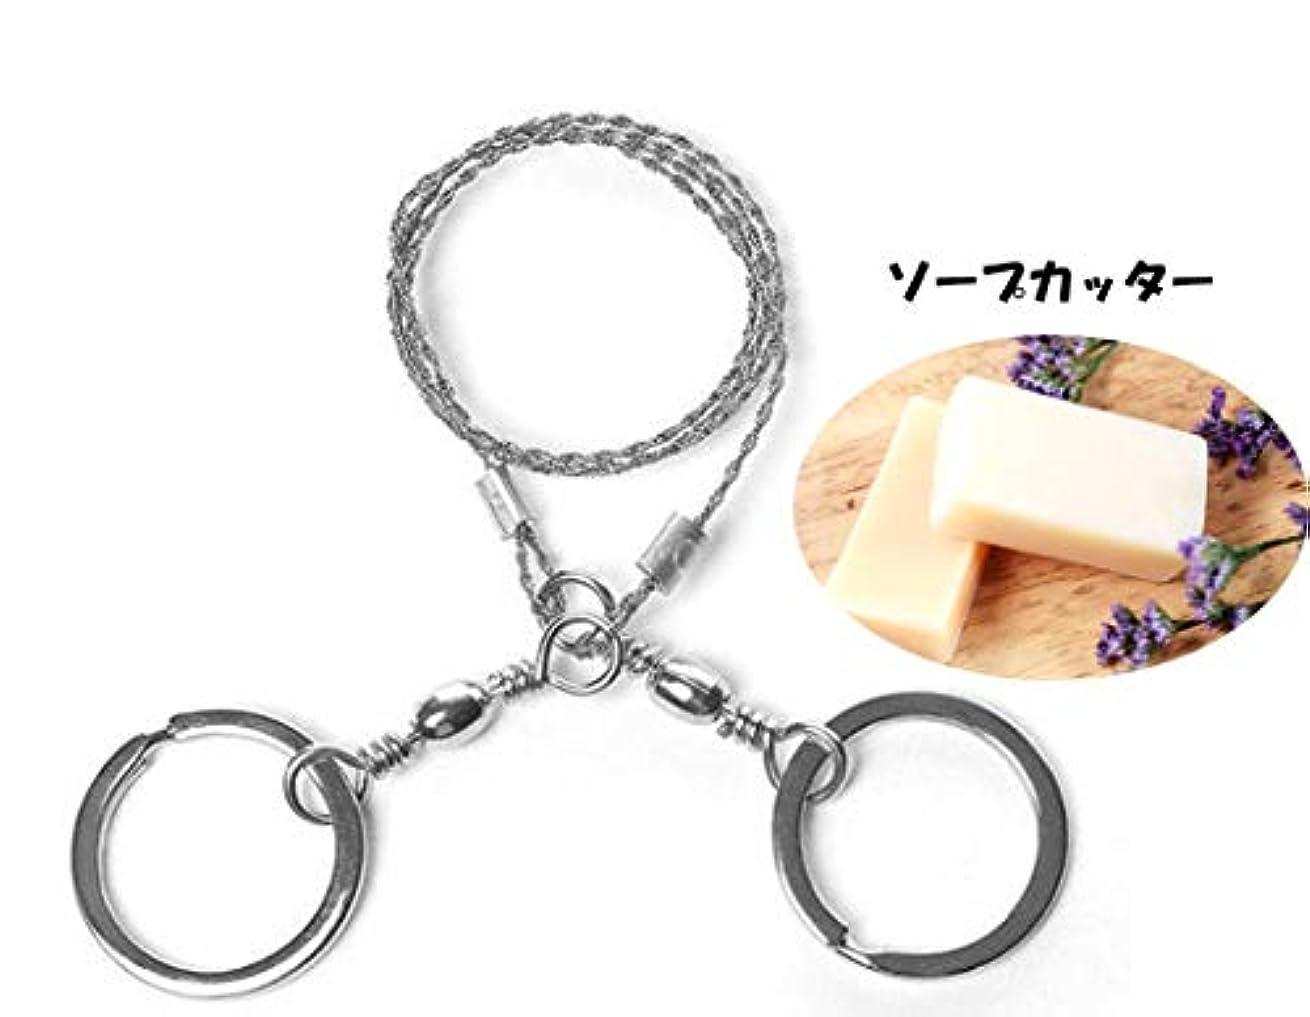 のため噴水許容ワイヤーカッター ハンドルソープ カッター 糸鋸 手作り石けん Soap Making 小型 便利 持ち手リング付 軽量